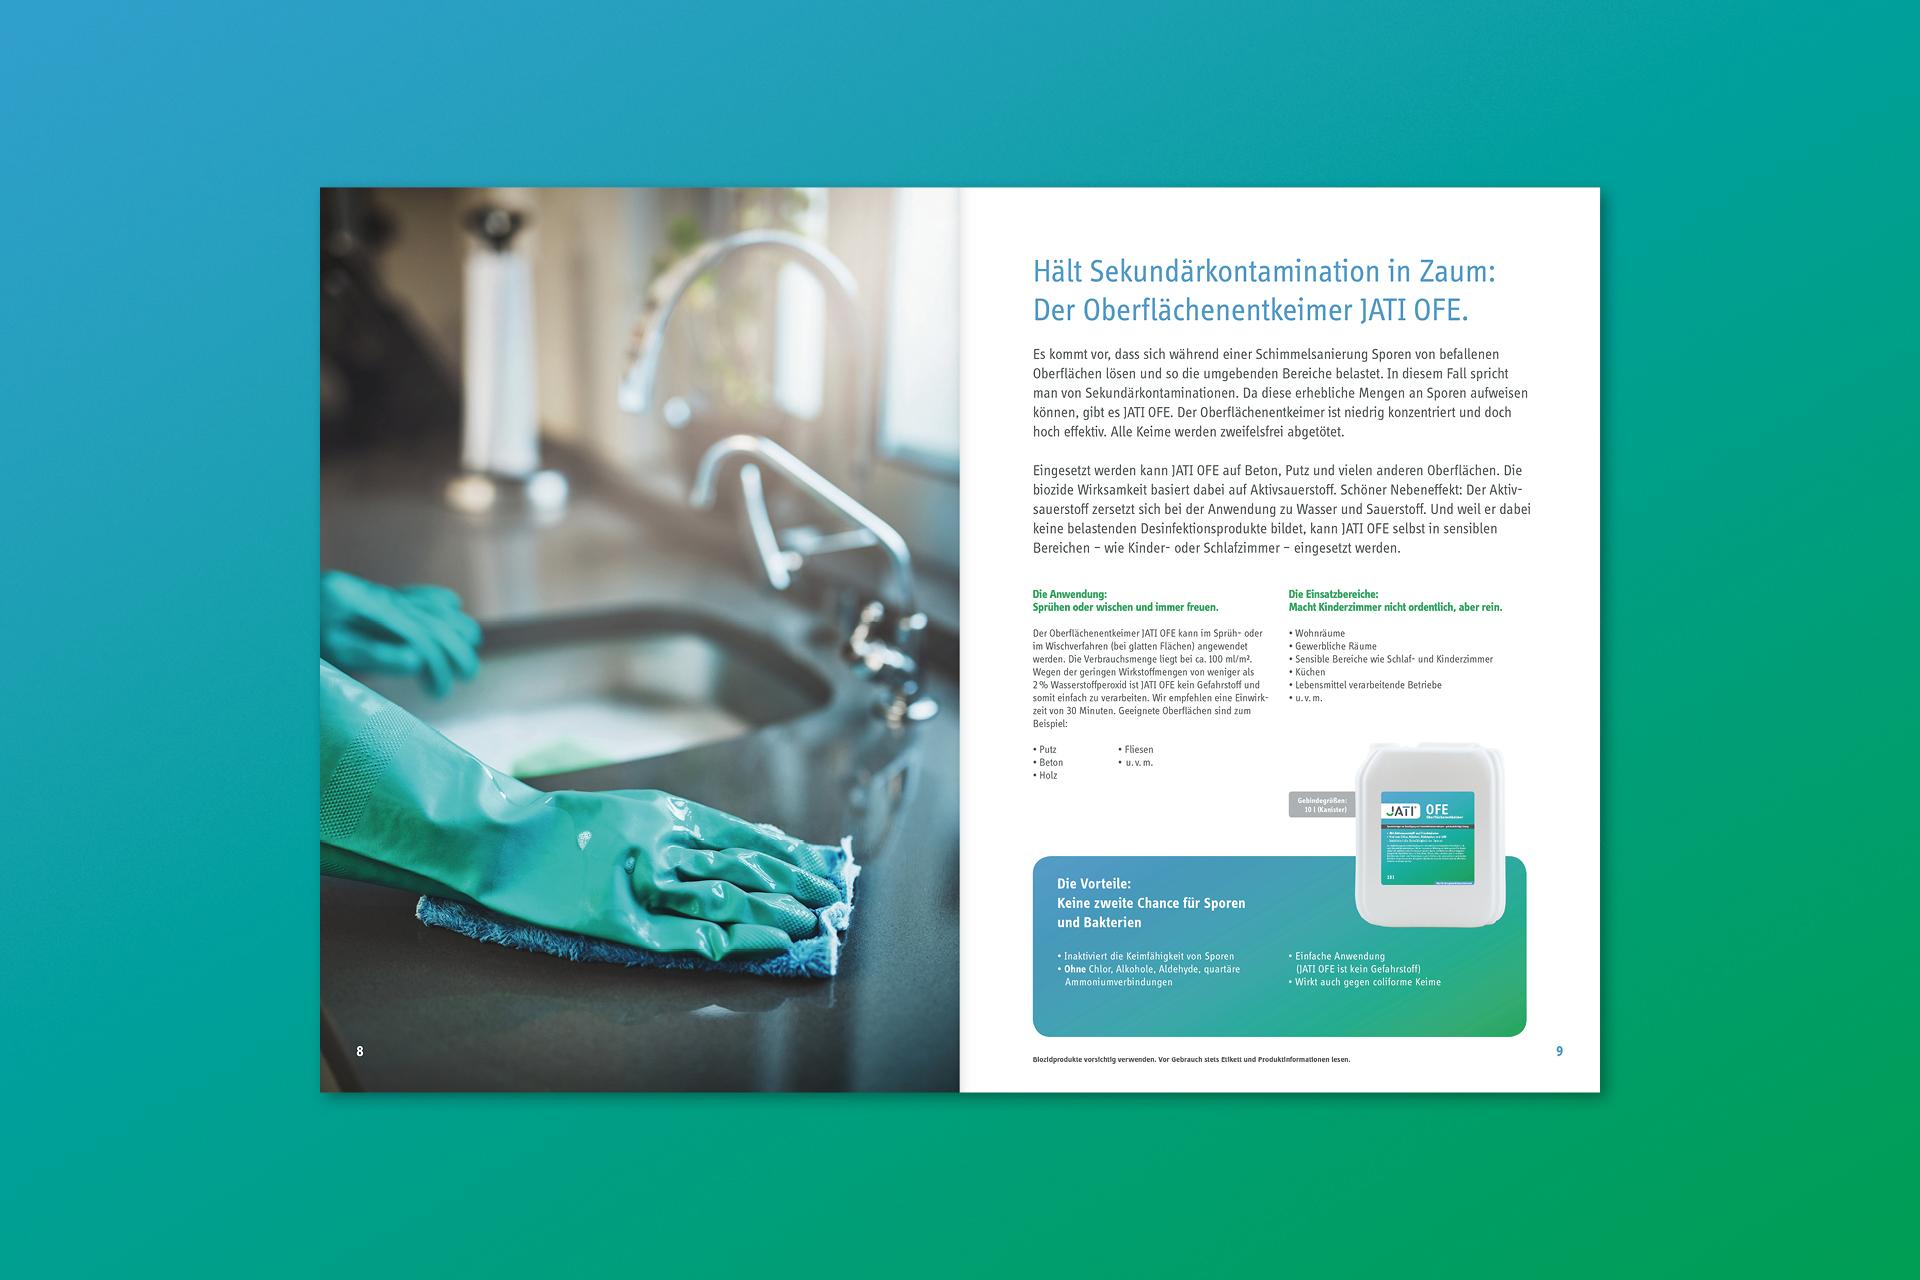 jati produktbroschuere 04 - Dem Schimmel sei Dank: Ein ganz frischer Markenauftritt für JATI – Corporate Design, Logoentwicklung, Grafikdesign